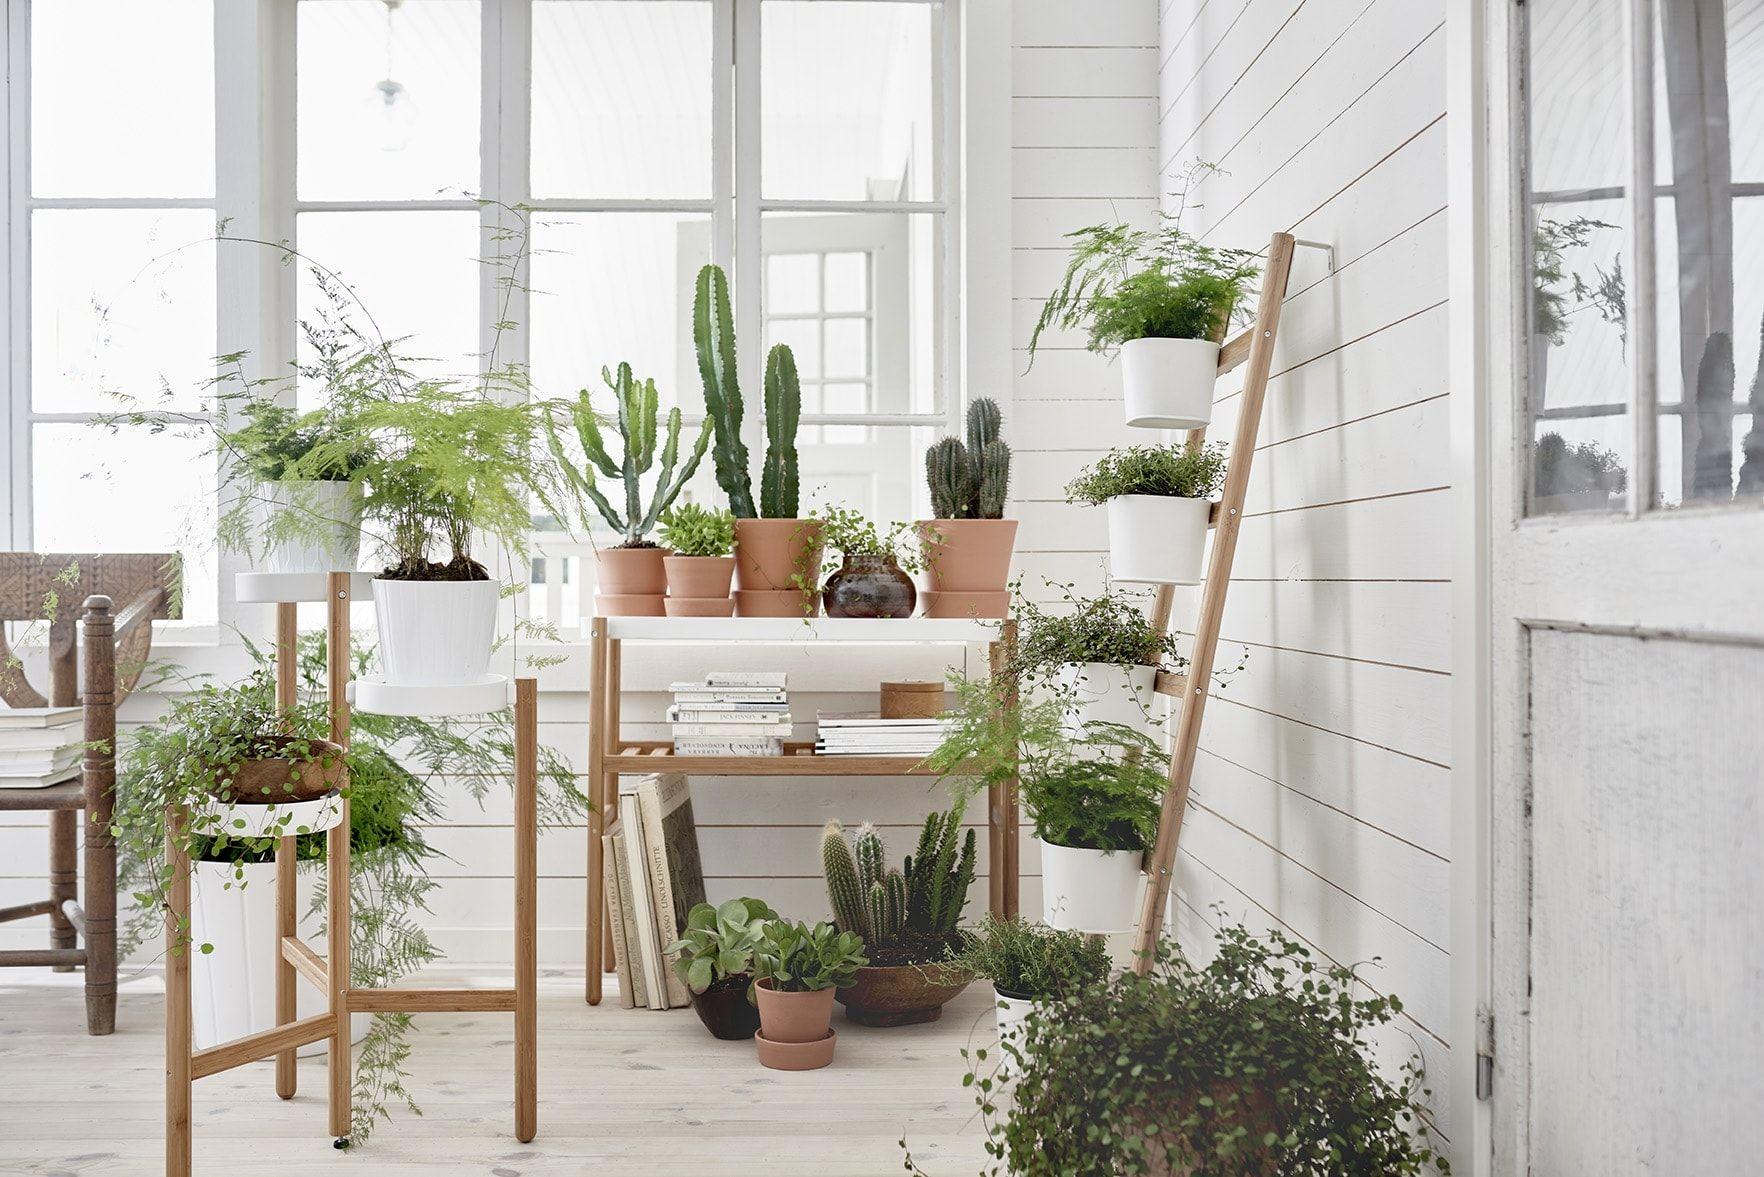 Coup De C Ur Les Supports Pour Plantes Satsumas D Ikea Supports